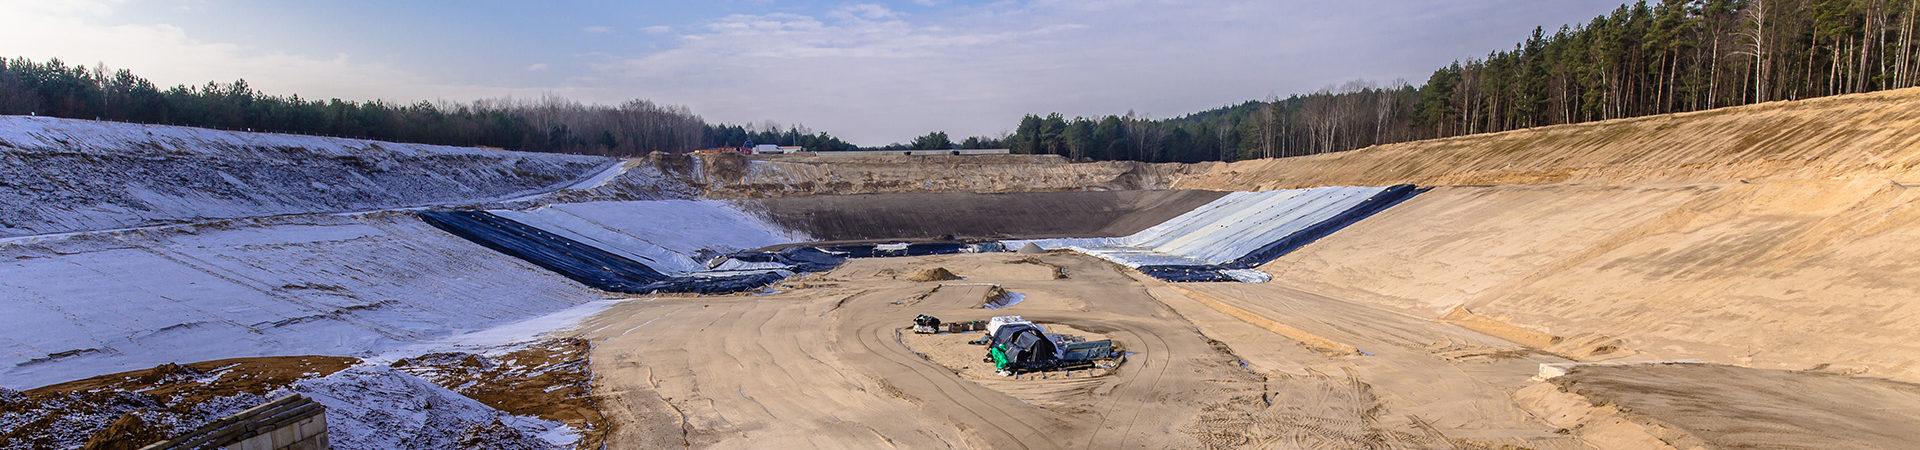 Deponie im Aufbau, riesiges Loch in der Erde mit Spuren von Maschinen im Sand